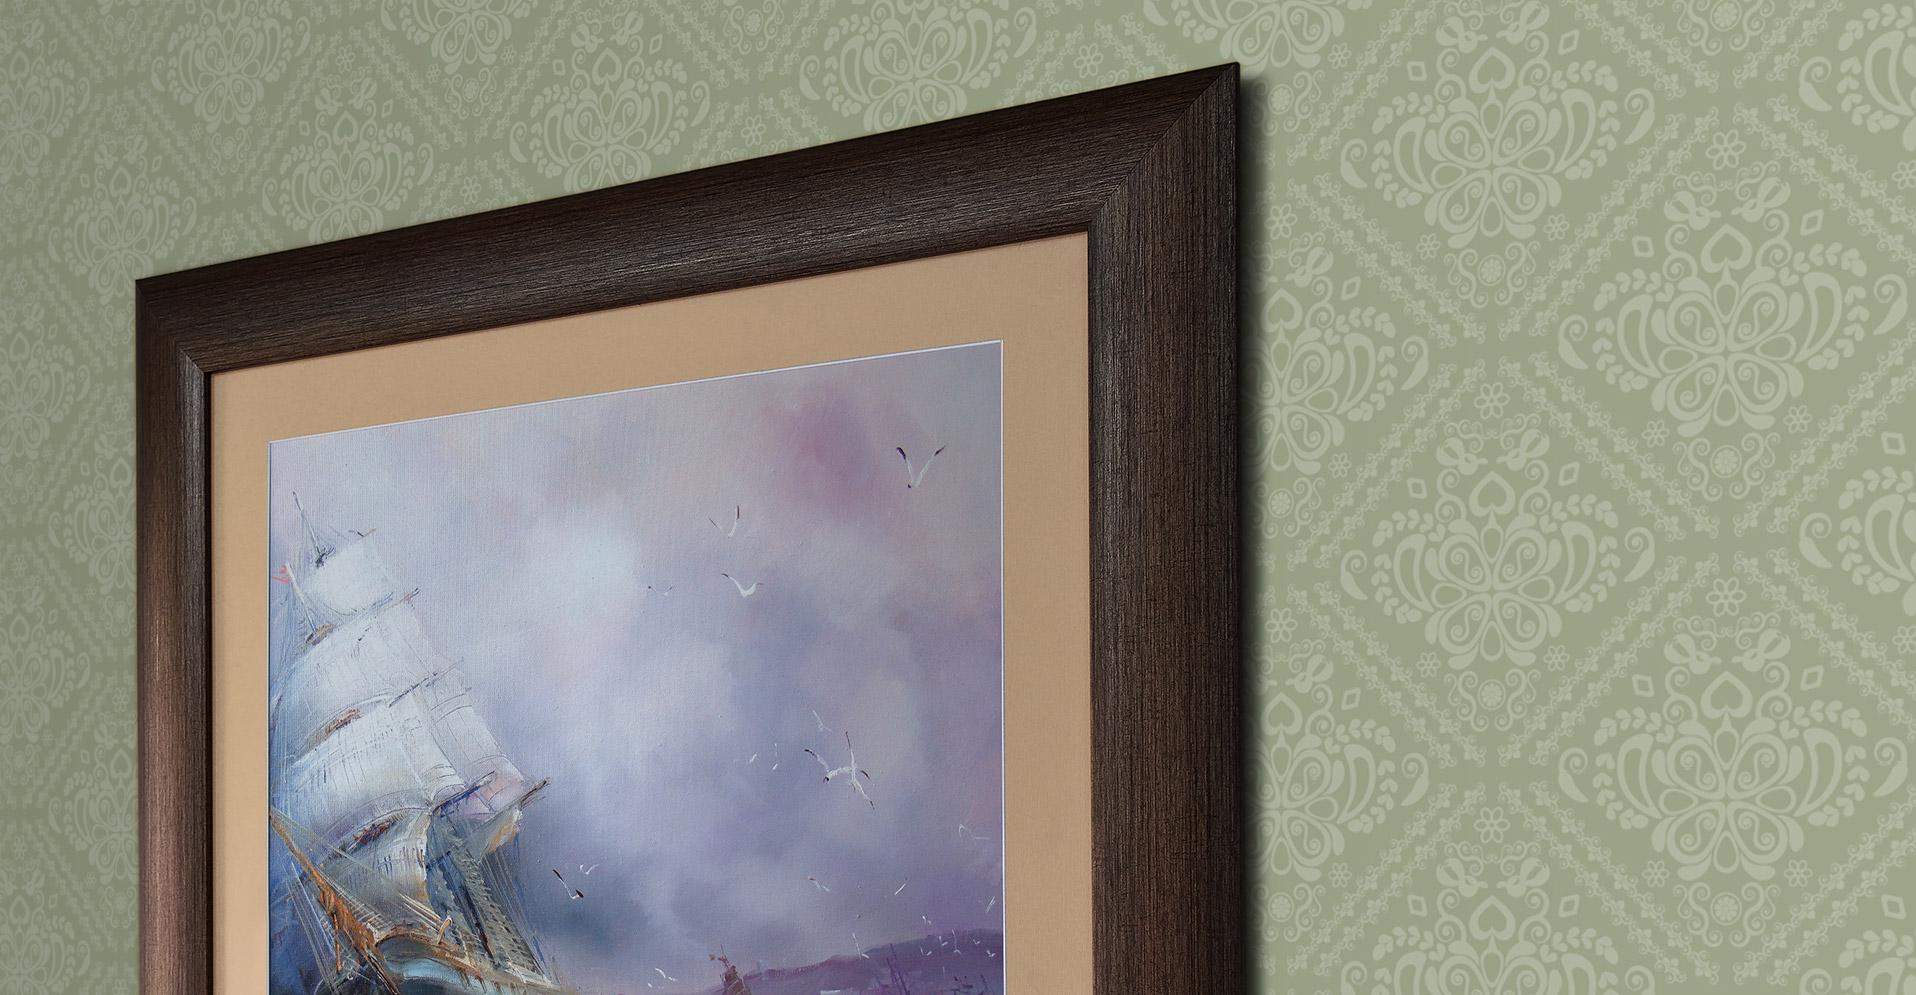 Square Photo Frame Mockups